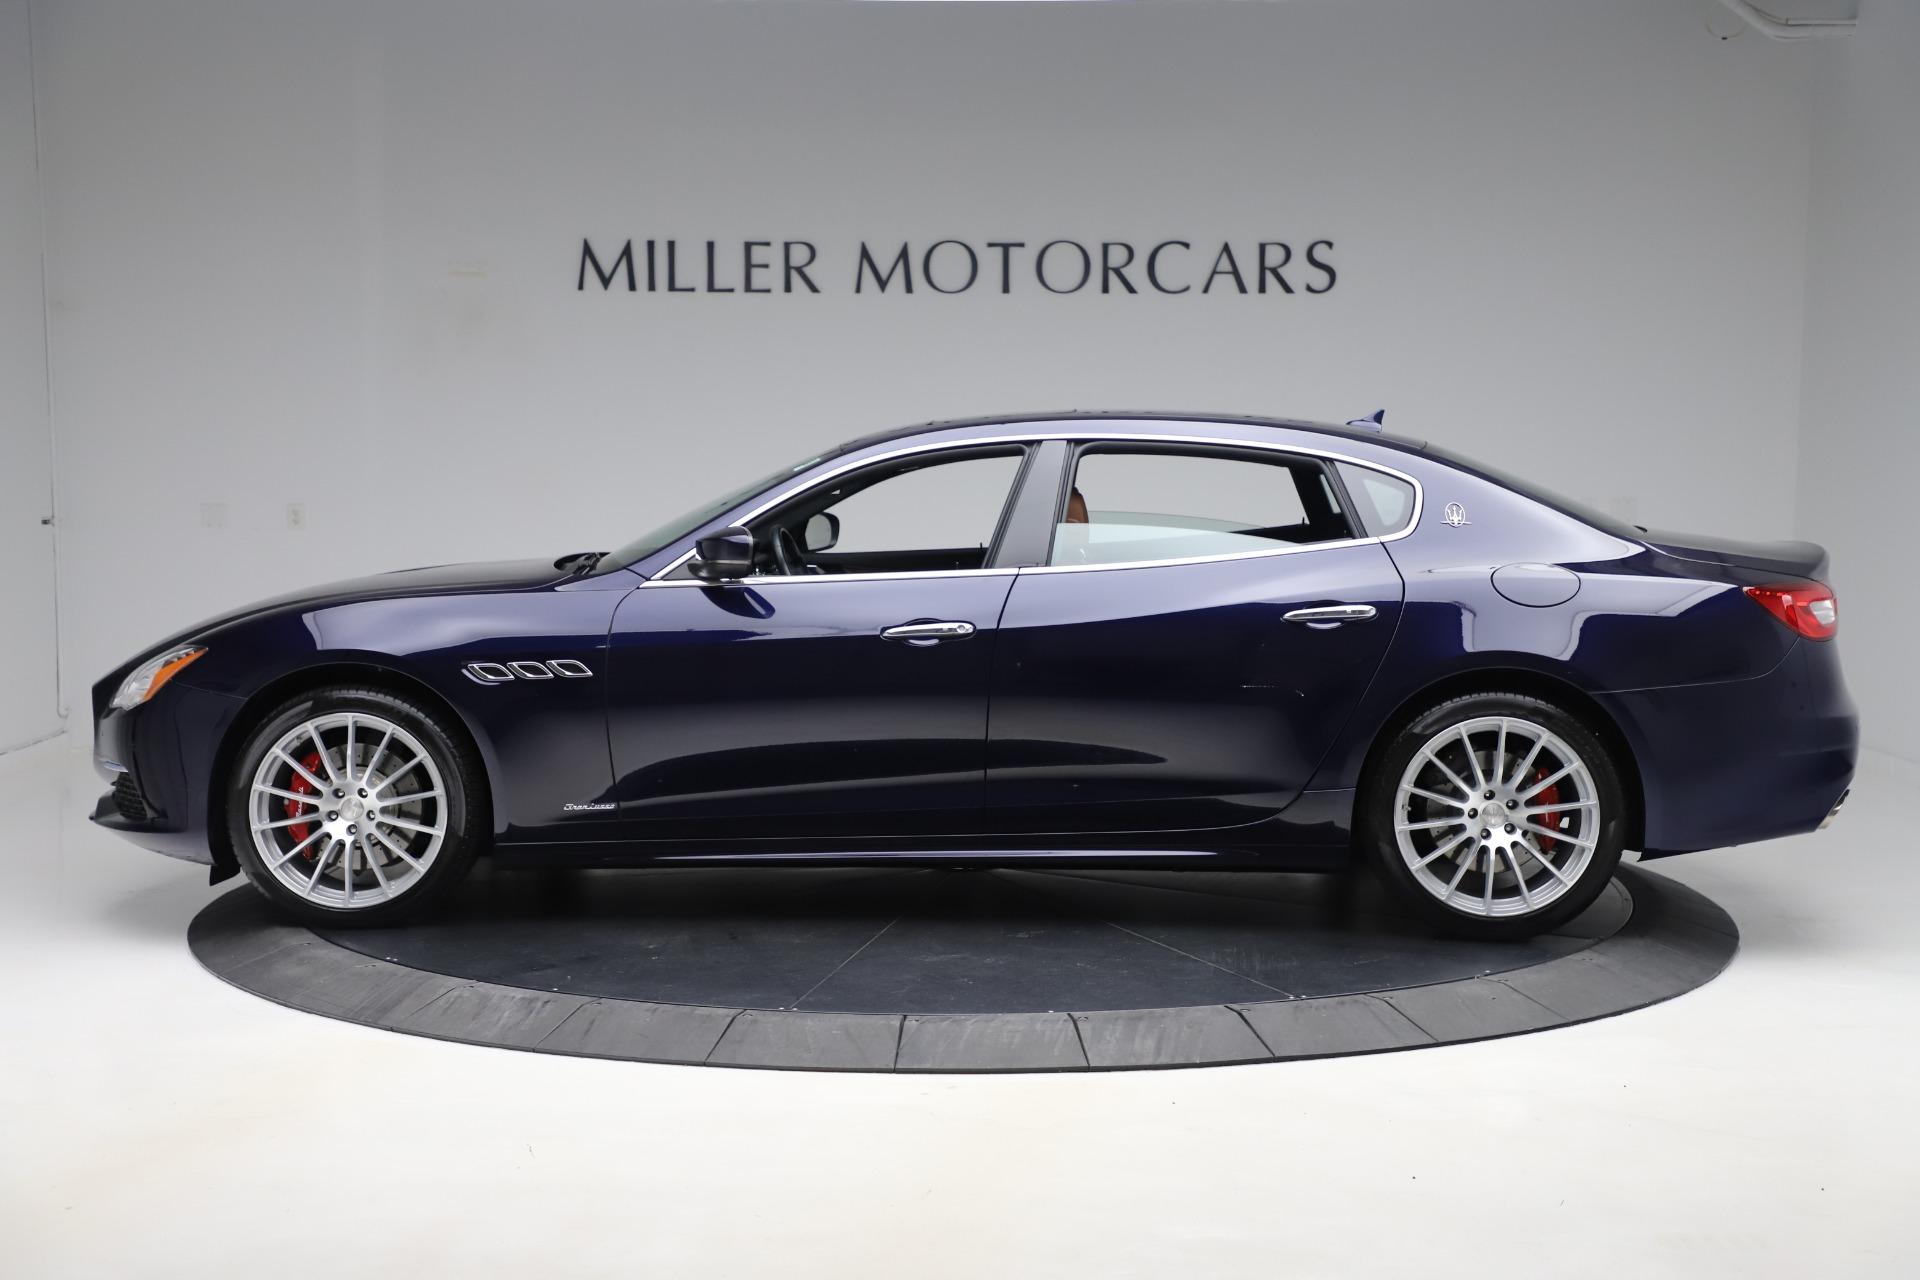 Used 2017 Maserati Quattroporte S Q4 GranLusso For Sale In Greenwich, CT 3553_p3